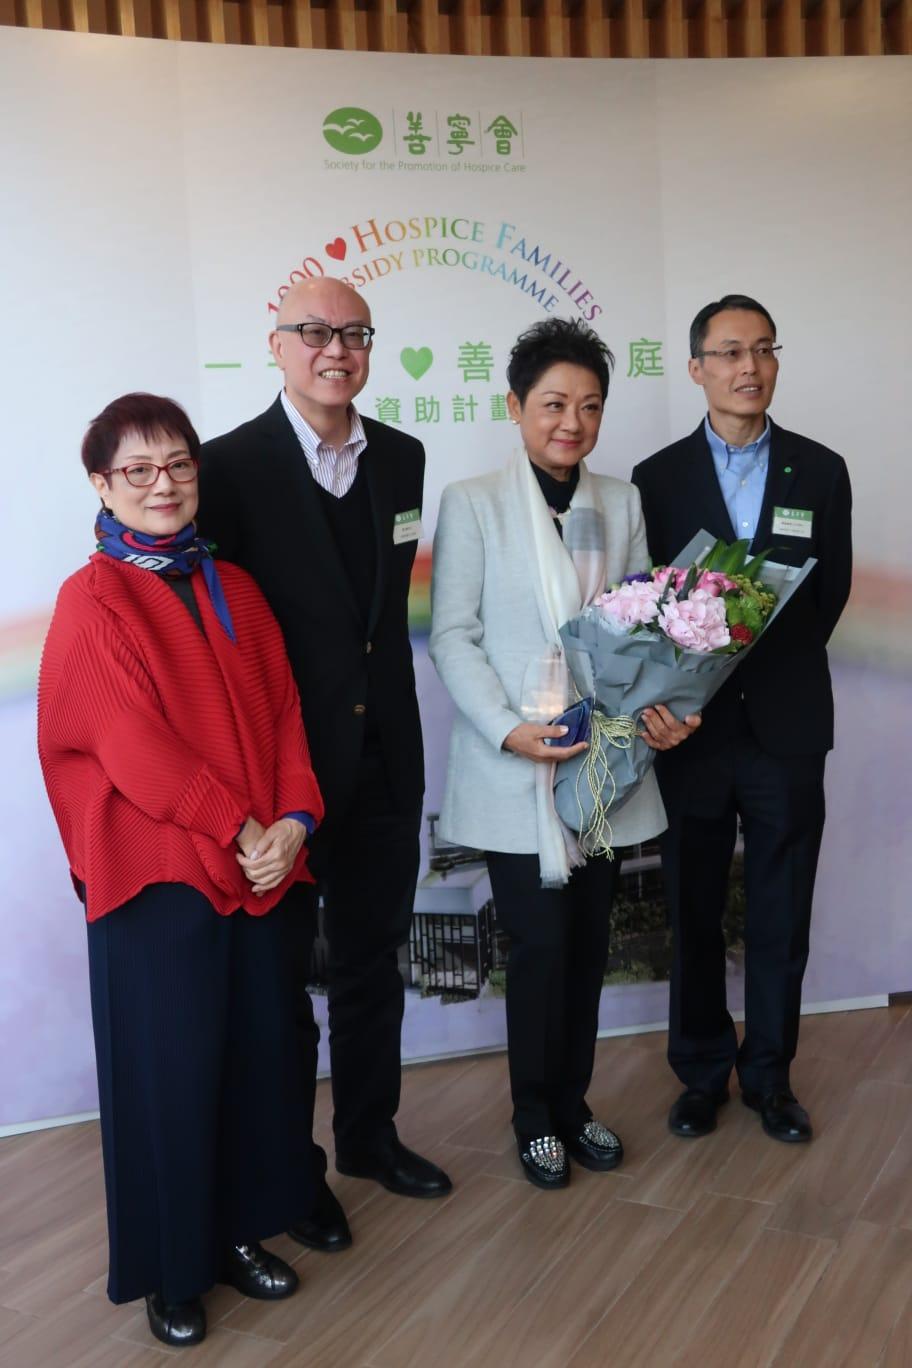 葉麗儀(右二)以大使身份出席「1000個善寧家庭」資助計劃啟動禮。